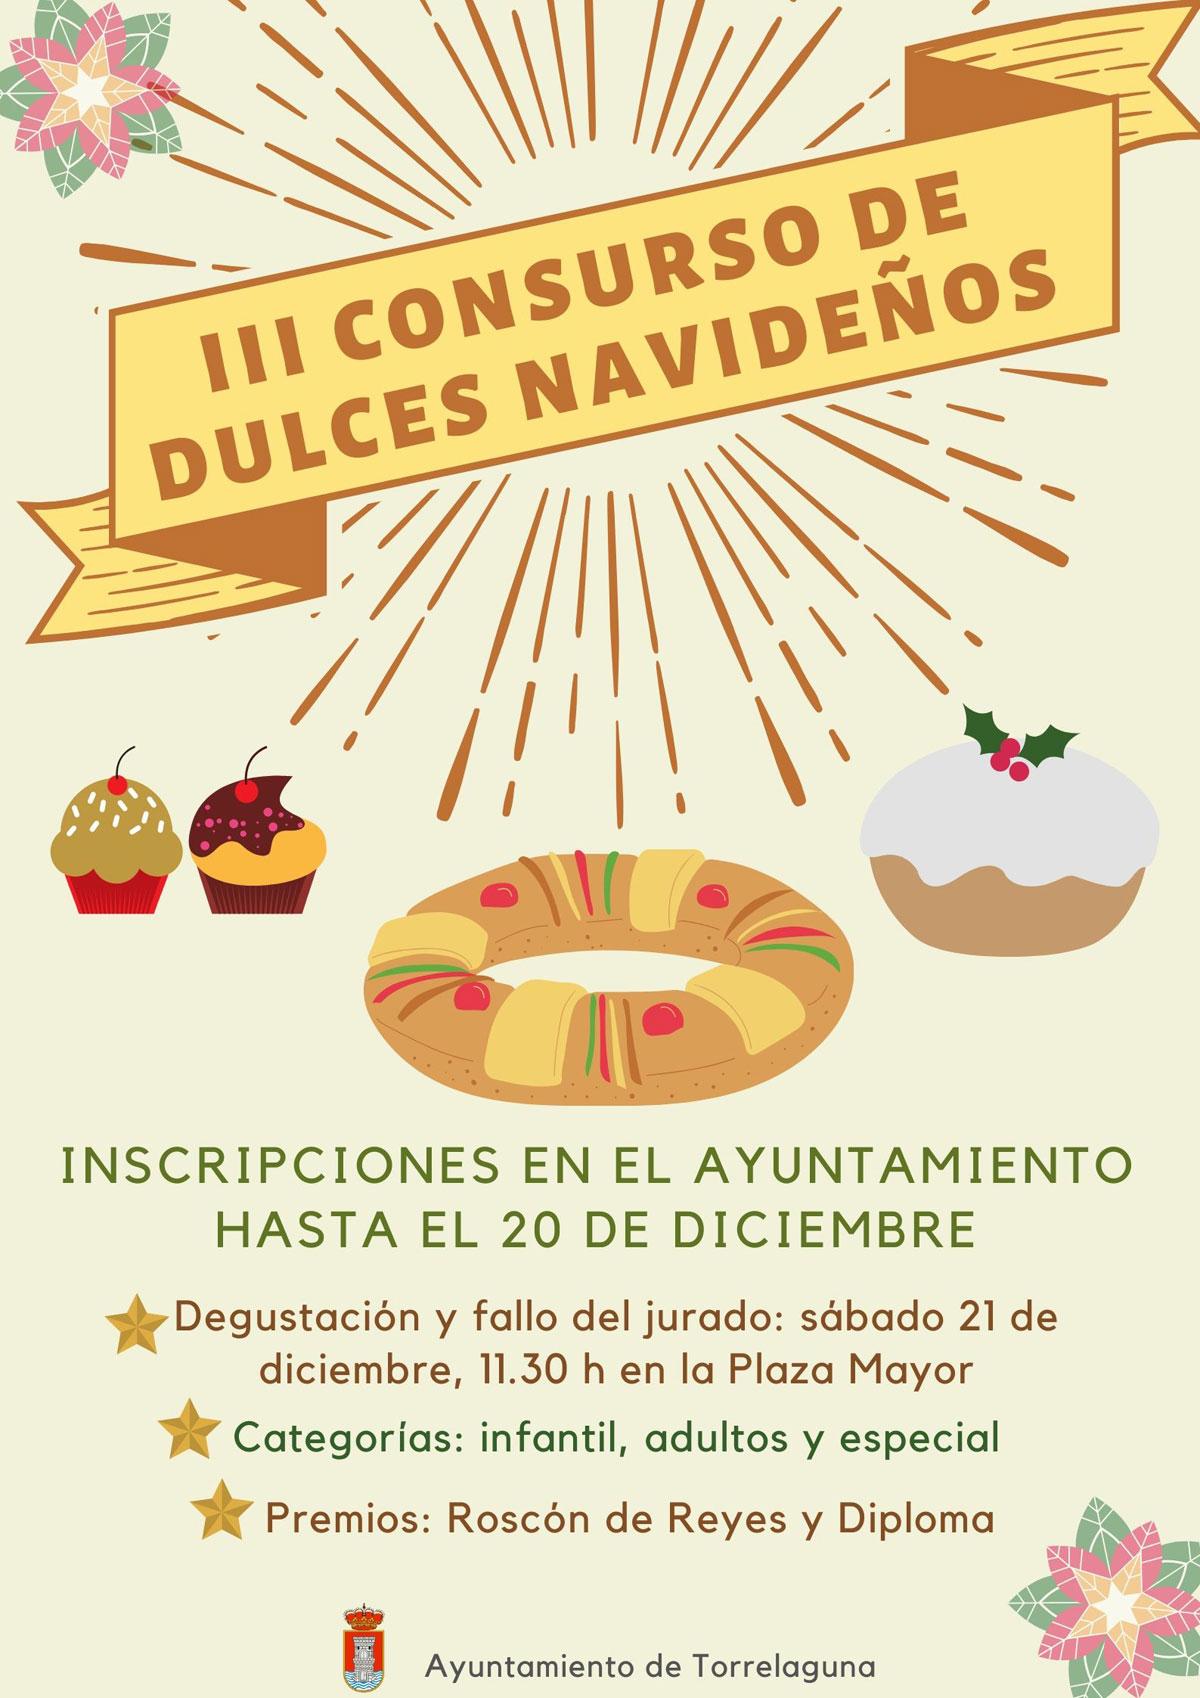 III Concurso de dulces navideños Torrelaguna 2019